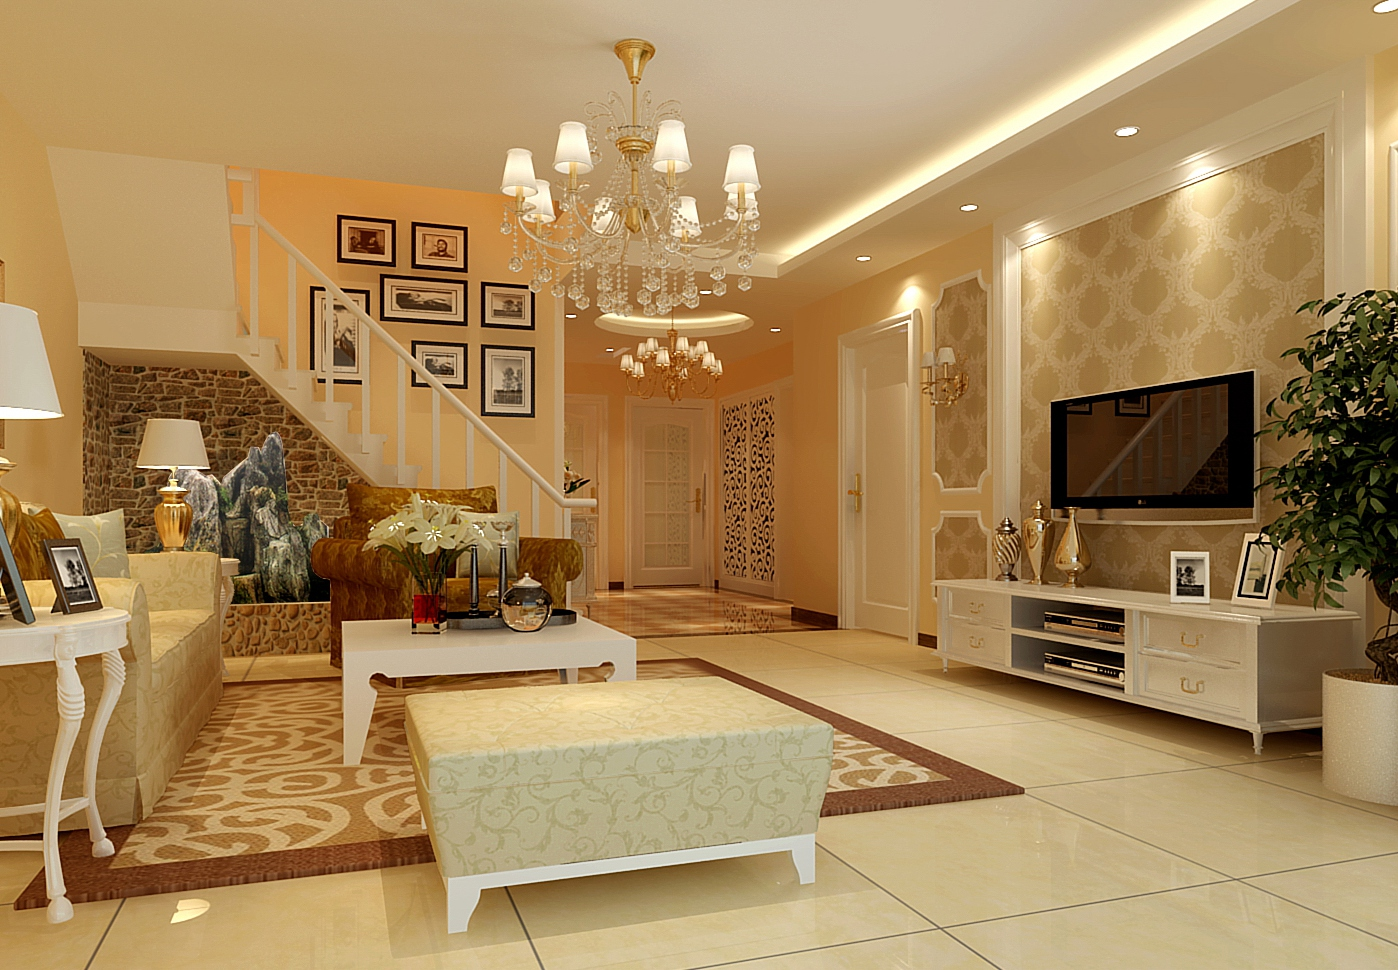 简欧 二居 欧式 简约 客厅图片来自居然元洲装饰小杨在两室三厅复式简欧风格的分享